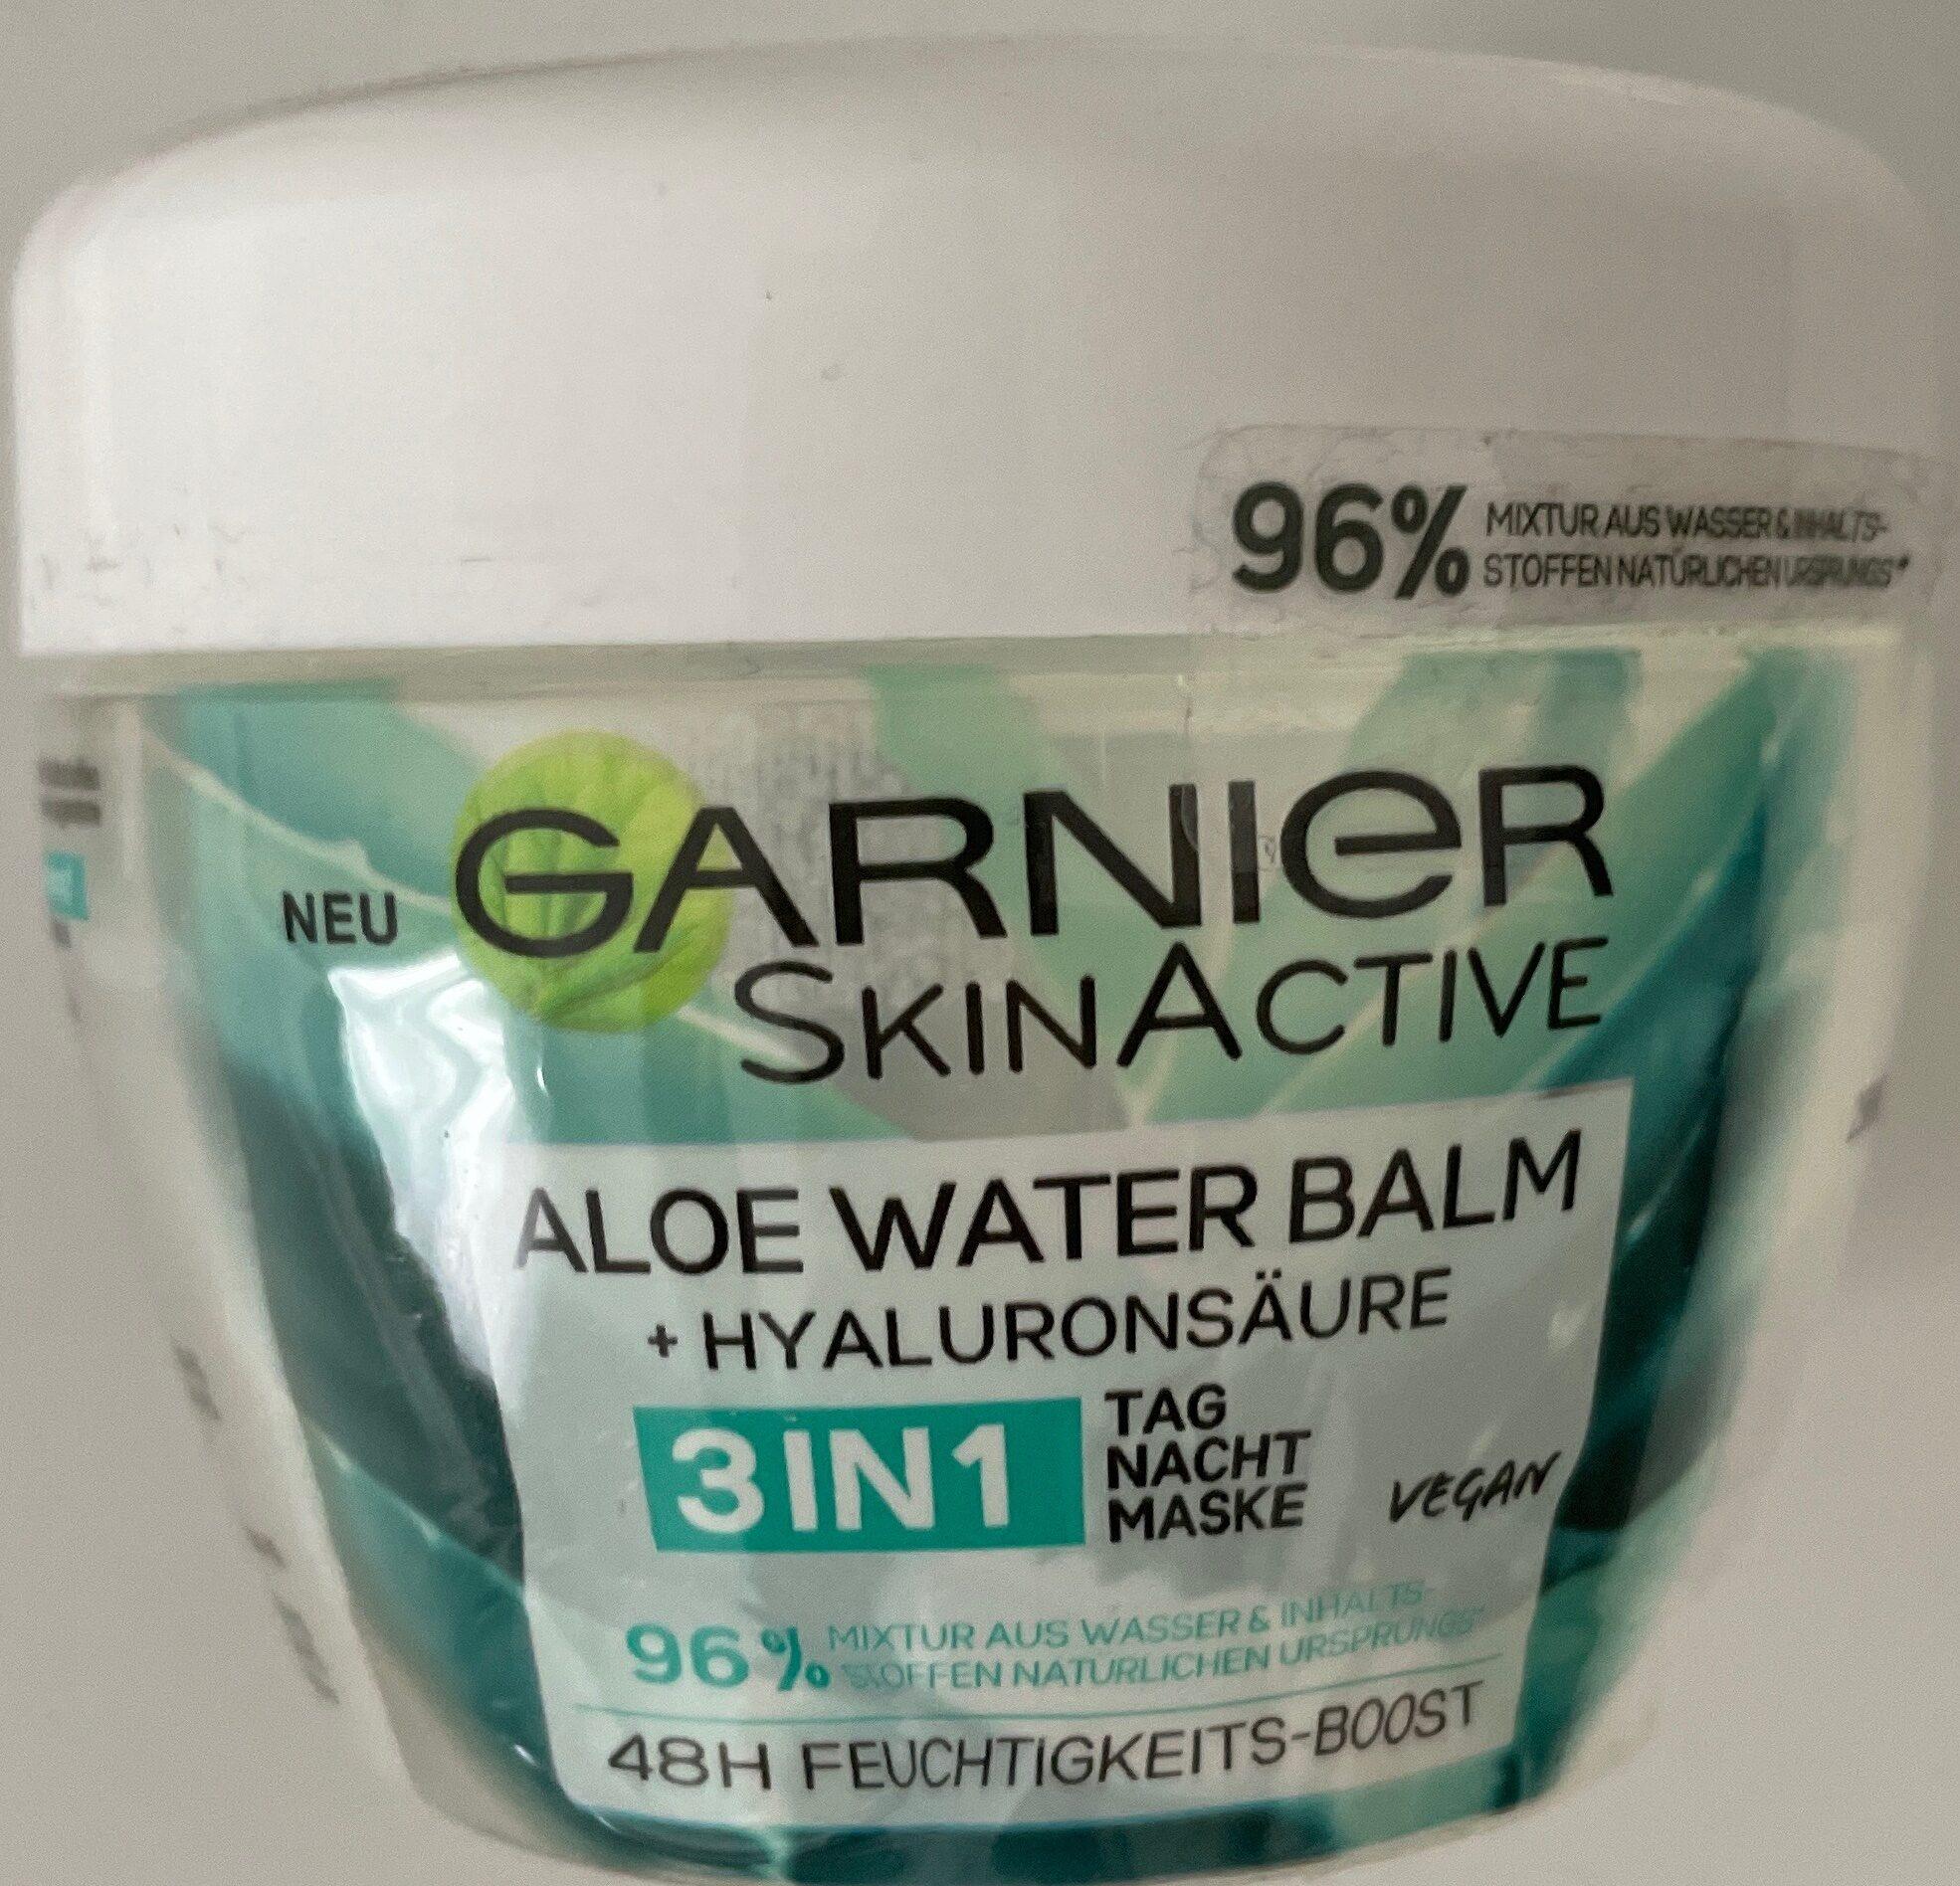 Aloe Water Balm 3in1 - Product - de